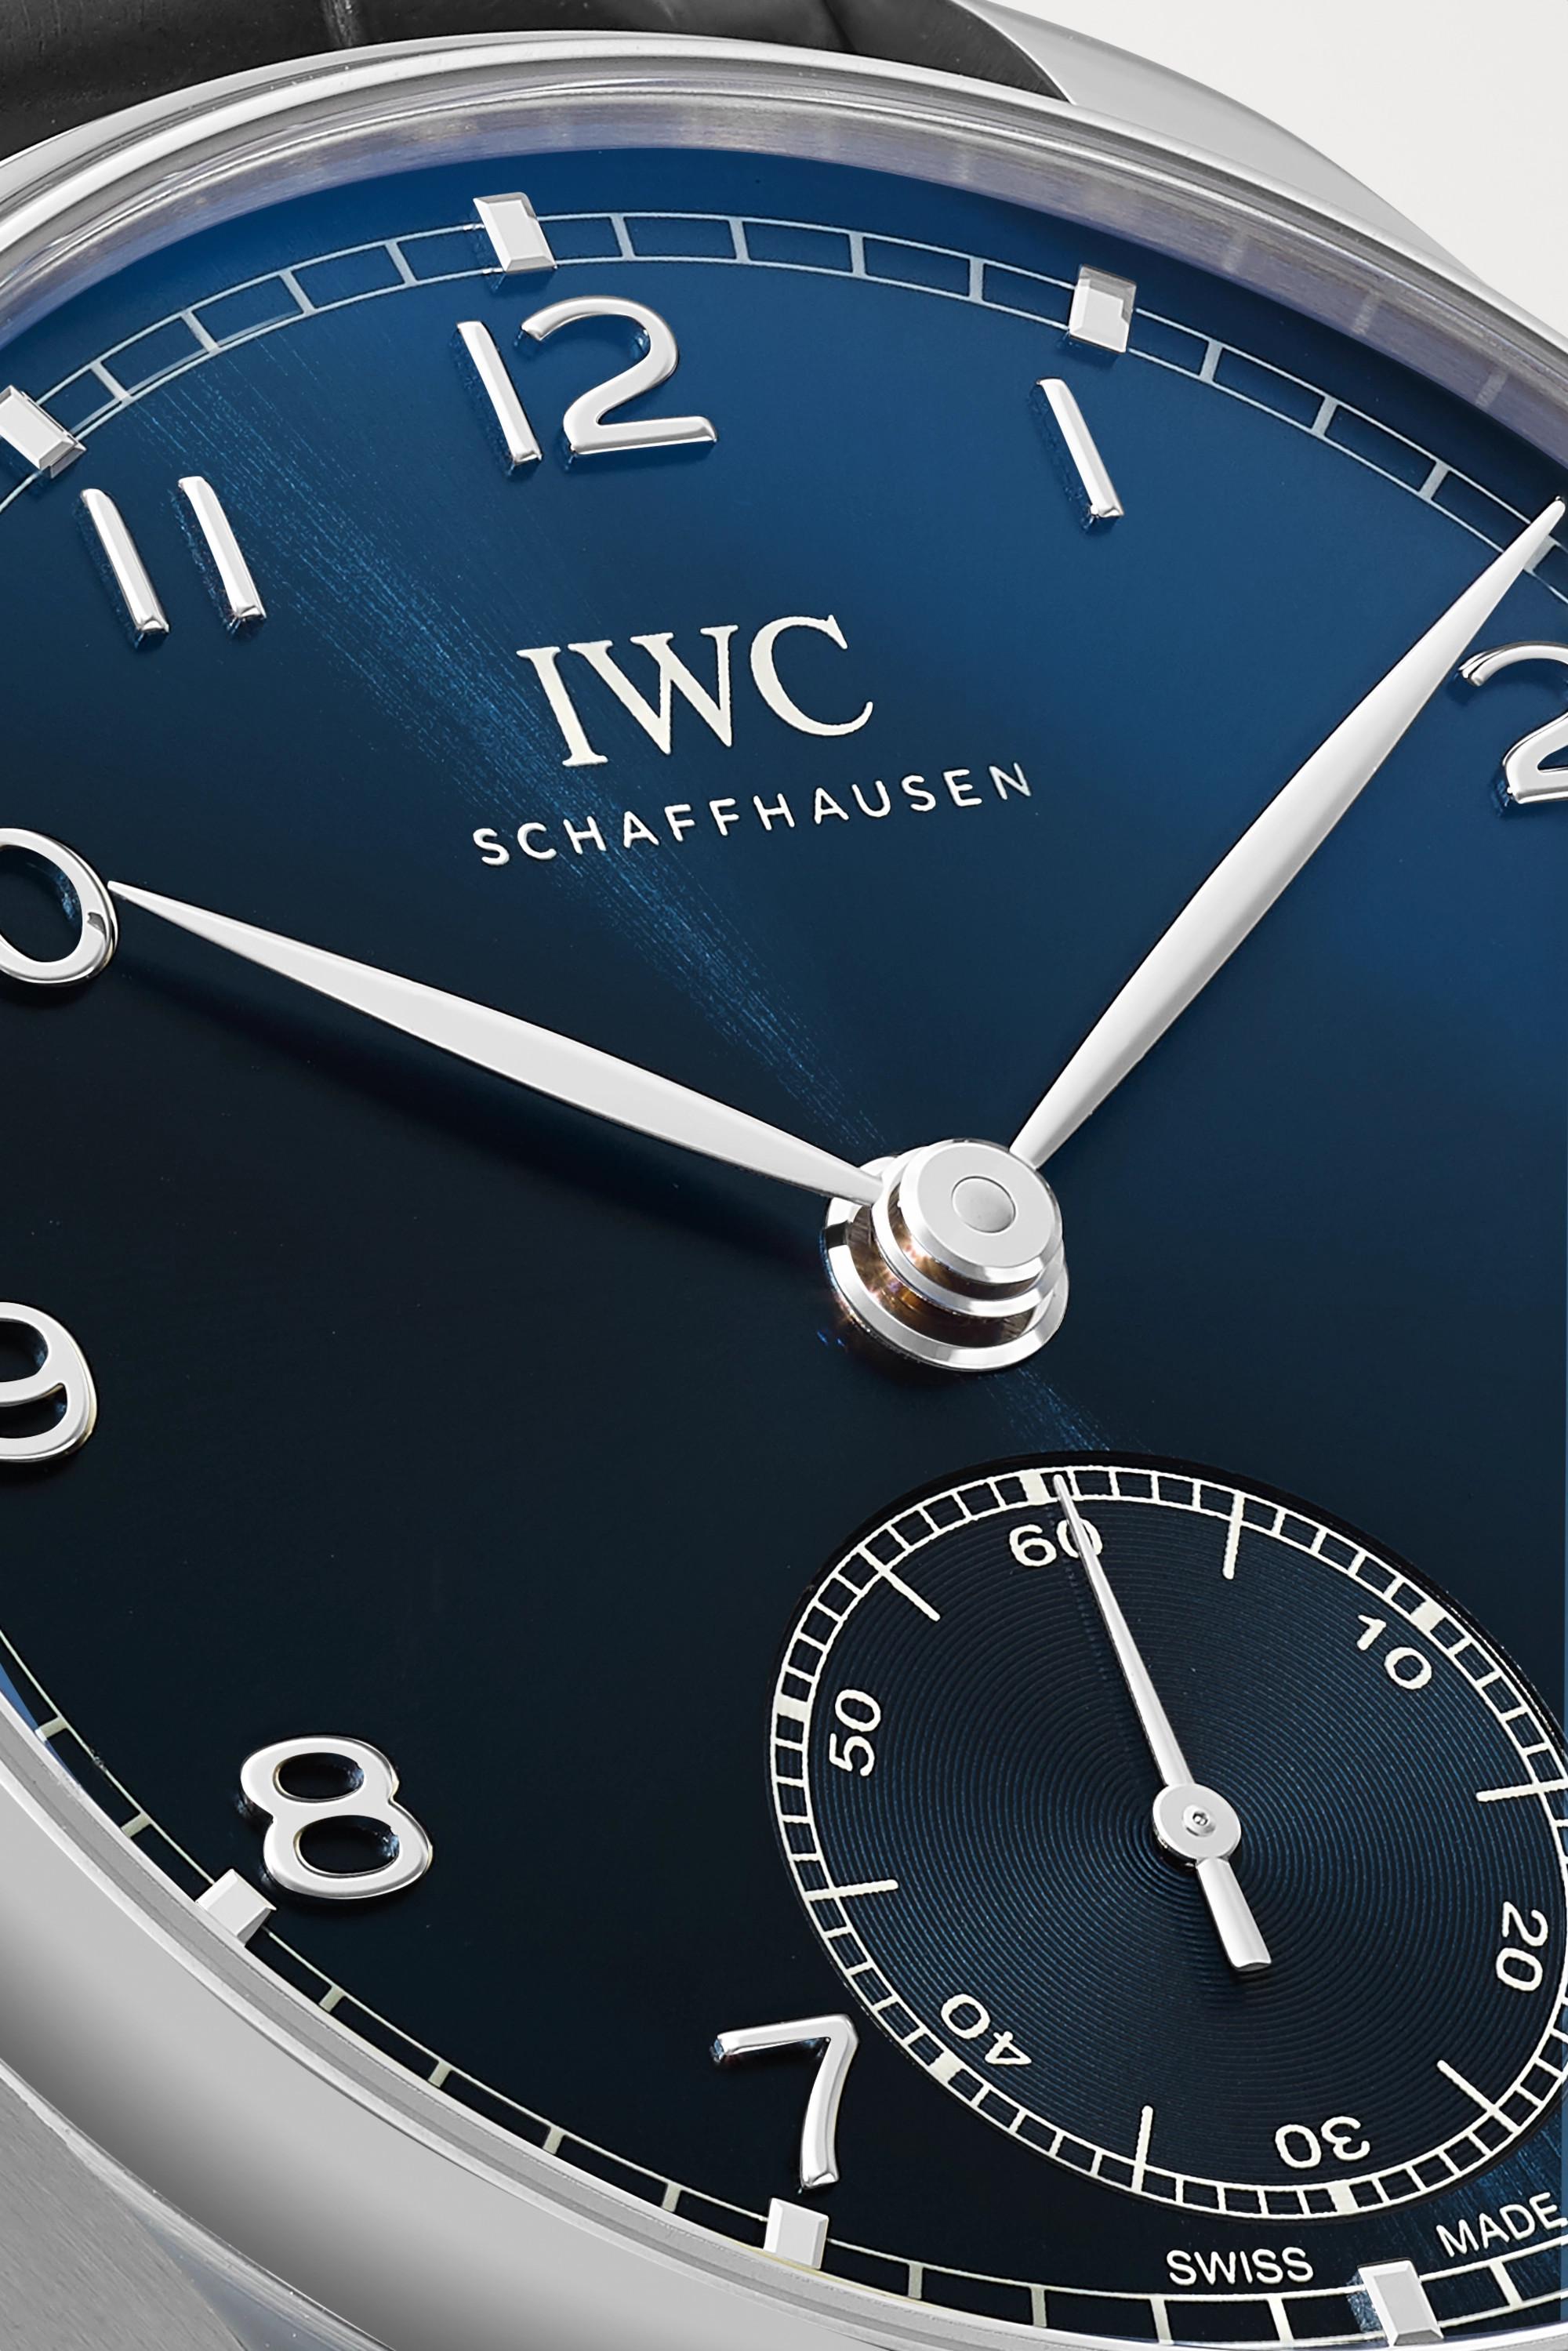 IWC SCHAFFHAUSEN Portugieser Automatic 40,4 mm Uhr aus Edelstahl mit Alligatorlederarmband